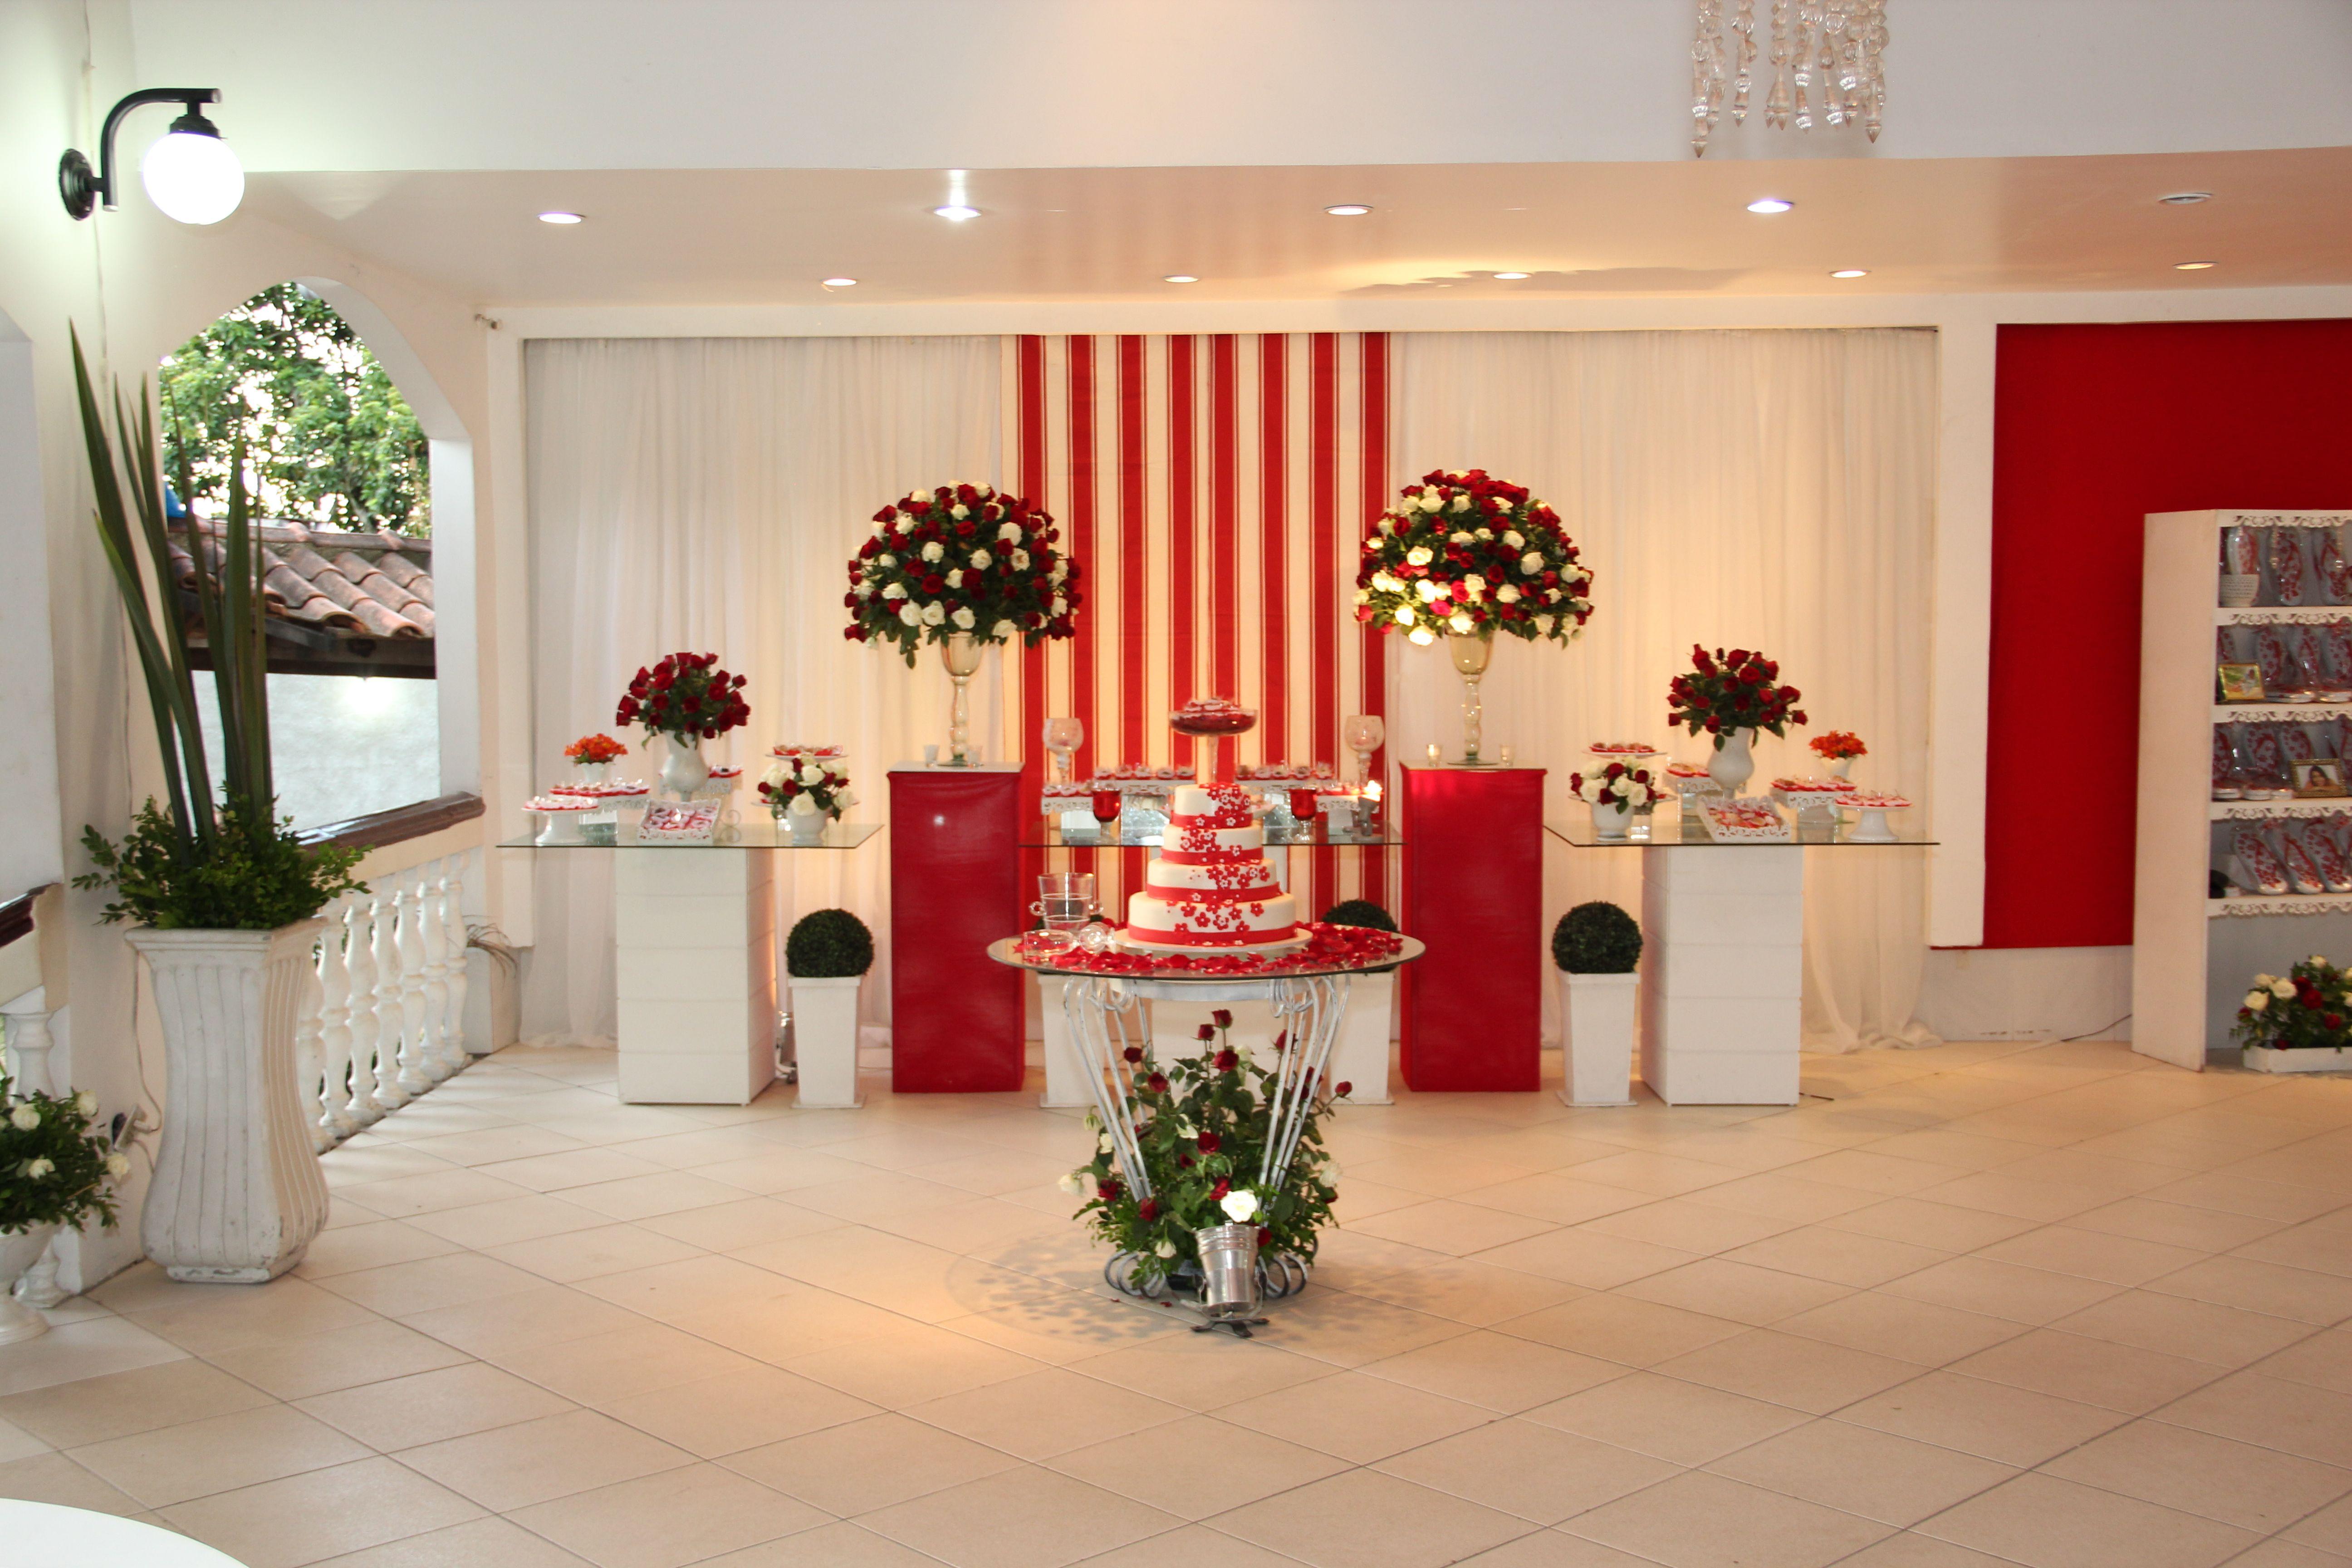 Casamento vermelho e branco Decoraç u00e3o vermelha Pinterest Casamento vermelho, Vermelho e  -> Decoração Para Casamento Vermelho Branco E Dourado